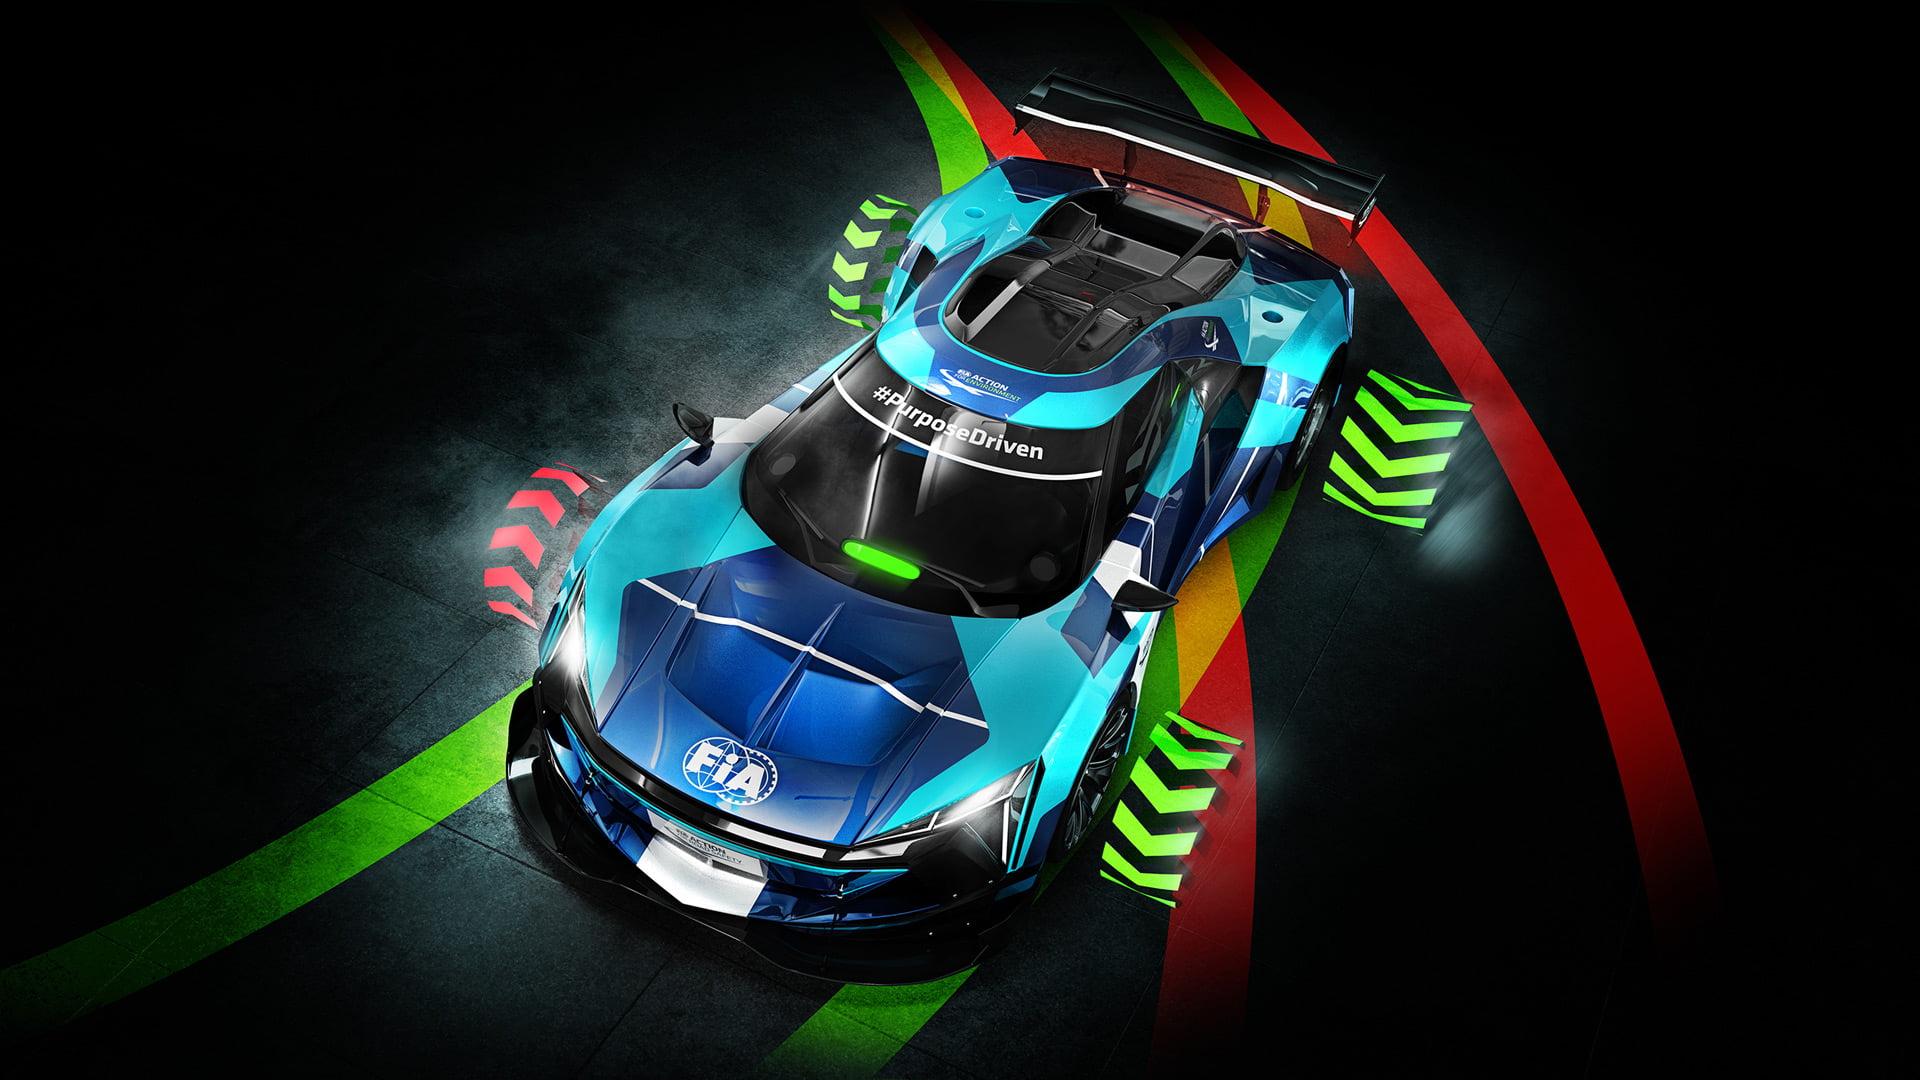 Carreras de GT eléctricos llegan gracias a la nueva categoría de la FIA